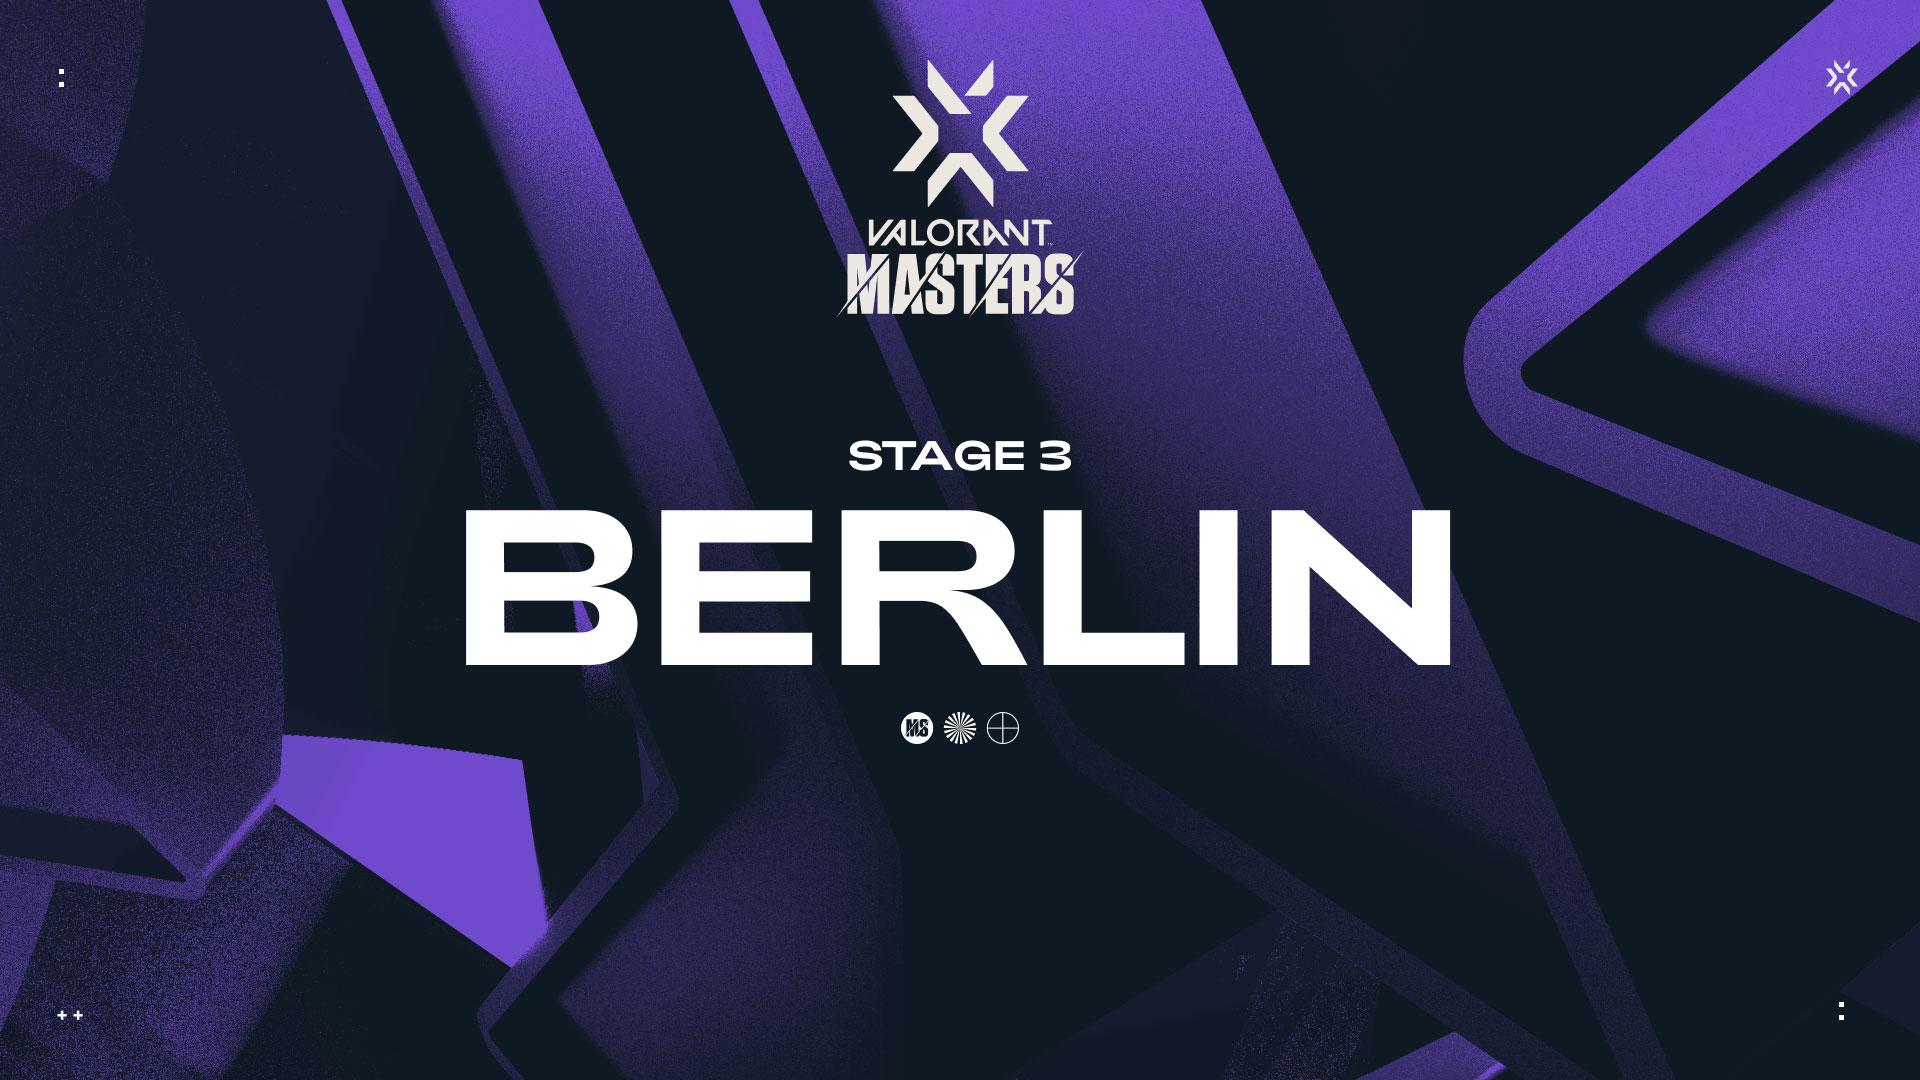 德國柏林將舉辦第3階段大師賽